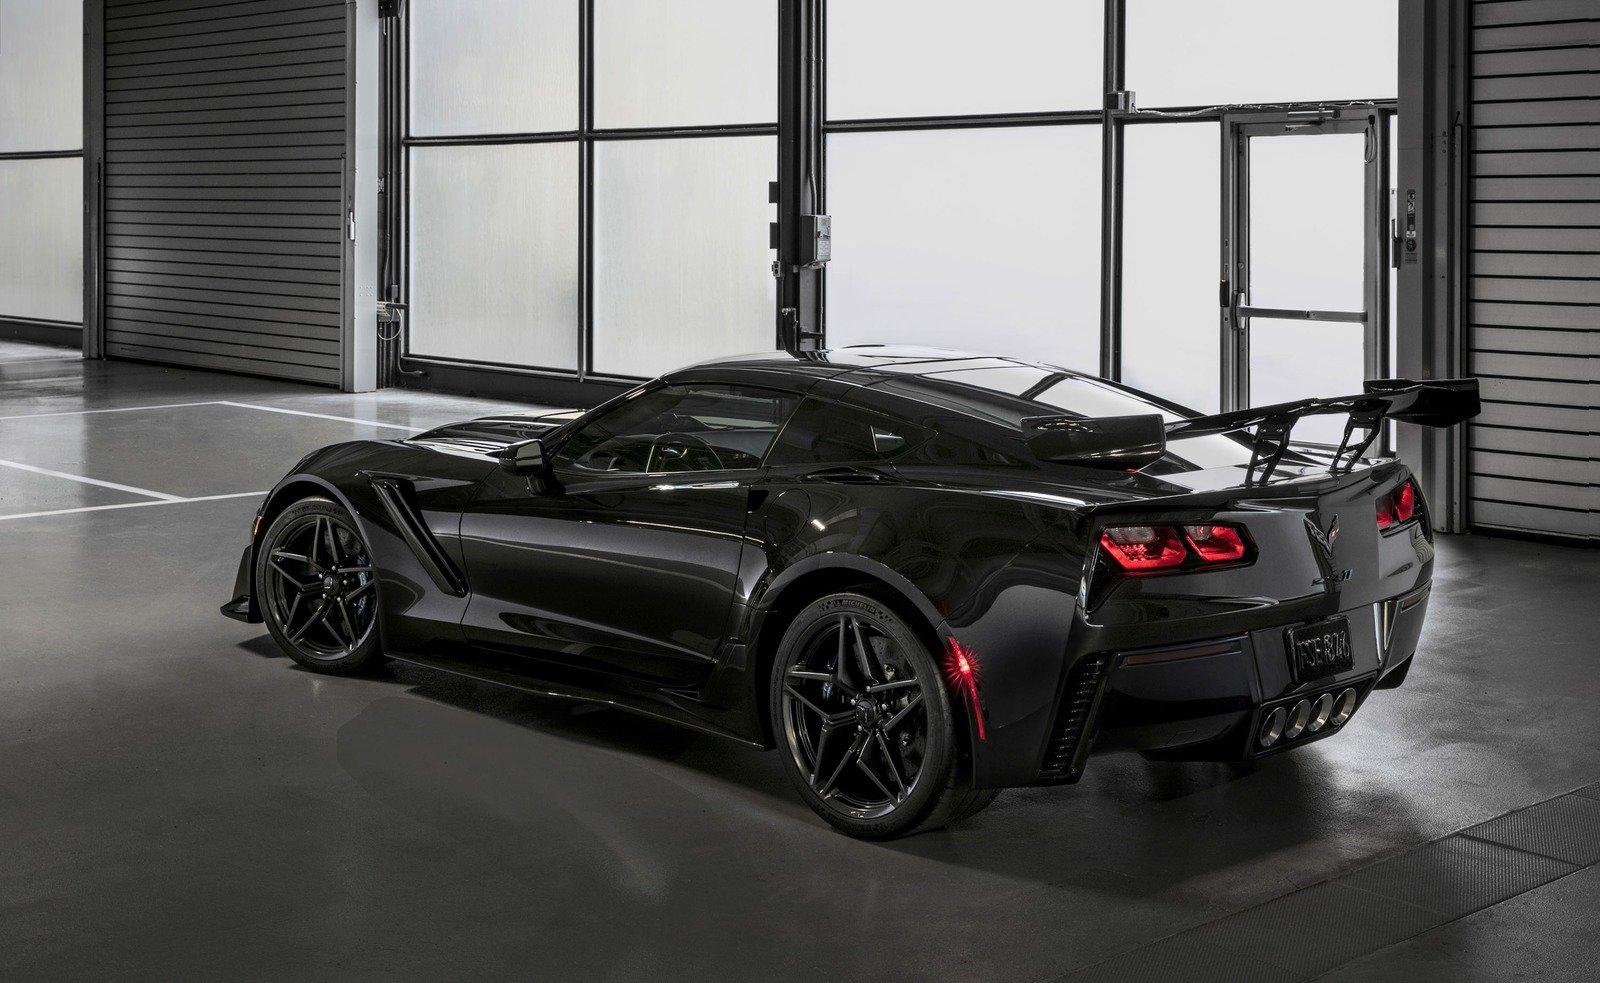 Chevrolet Corvette ZR1 đầu tiên sẽ được bán đấu giá cho quỹ từ thiện vào tháng Giêng